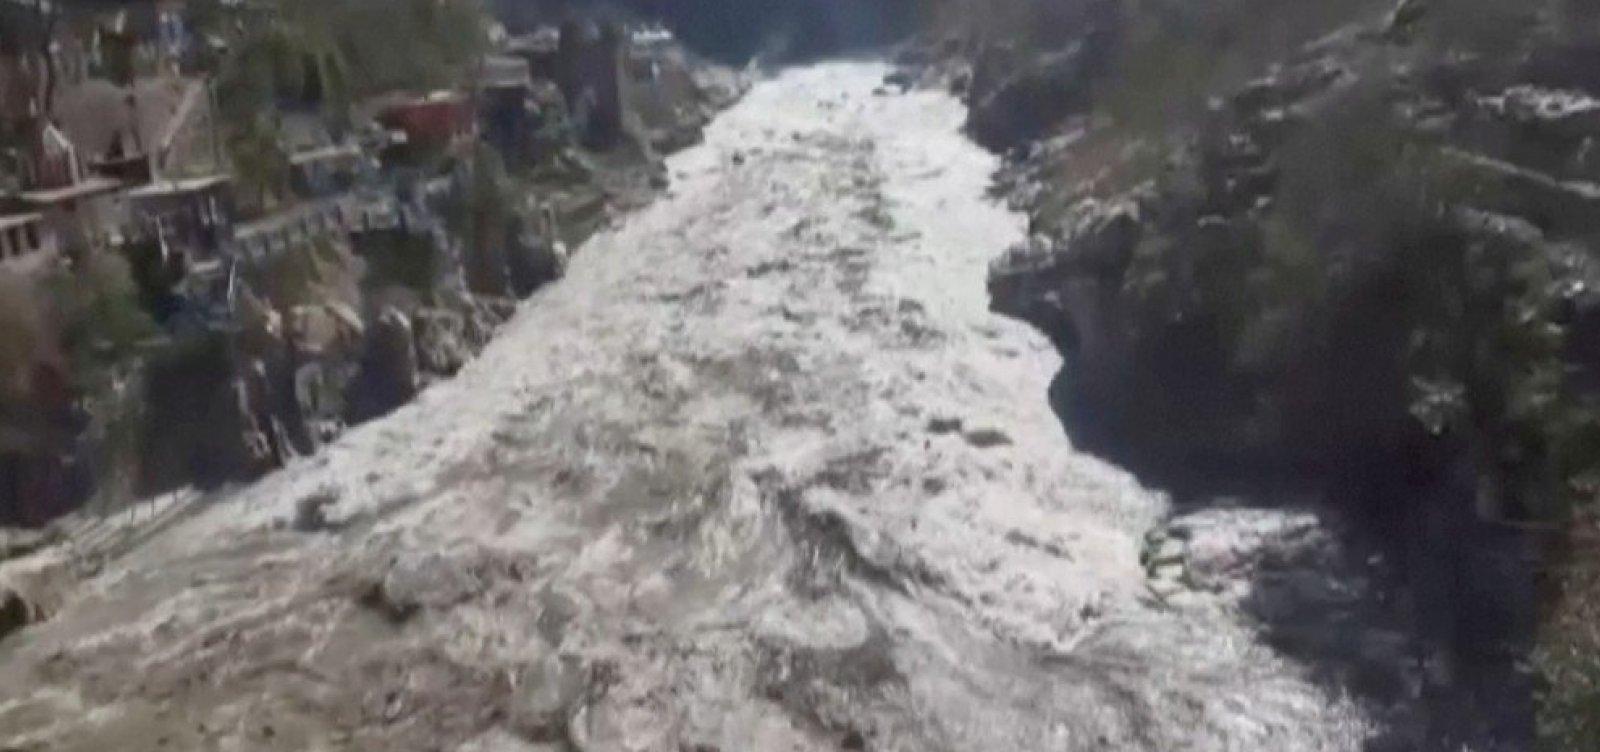 [Rompimento de geleira no Himalaia pode ter causado 150 mortes, diz secretário-chefe]